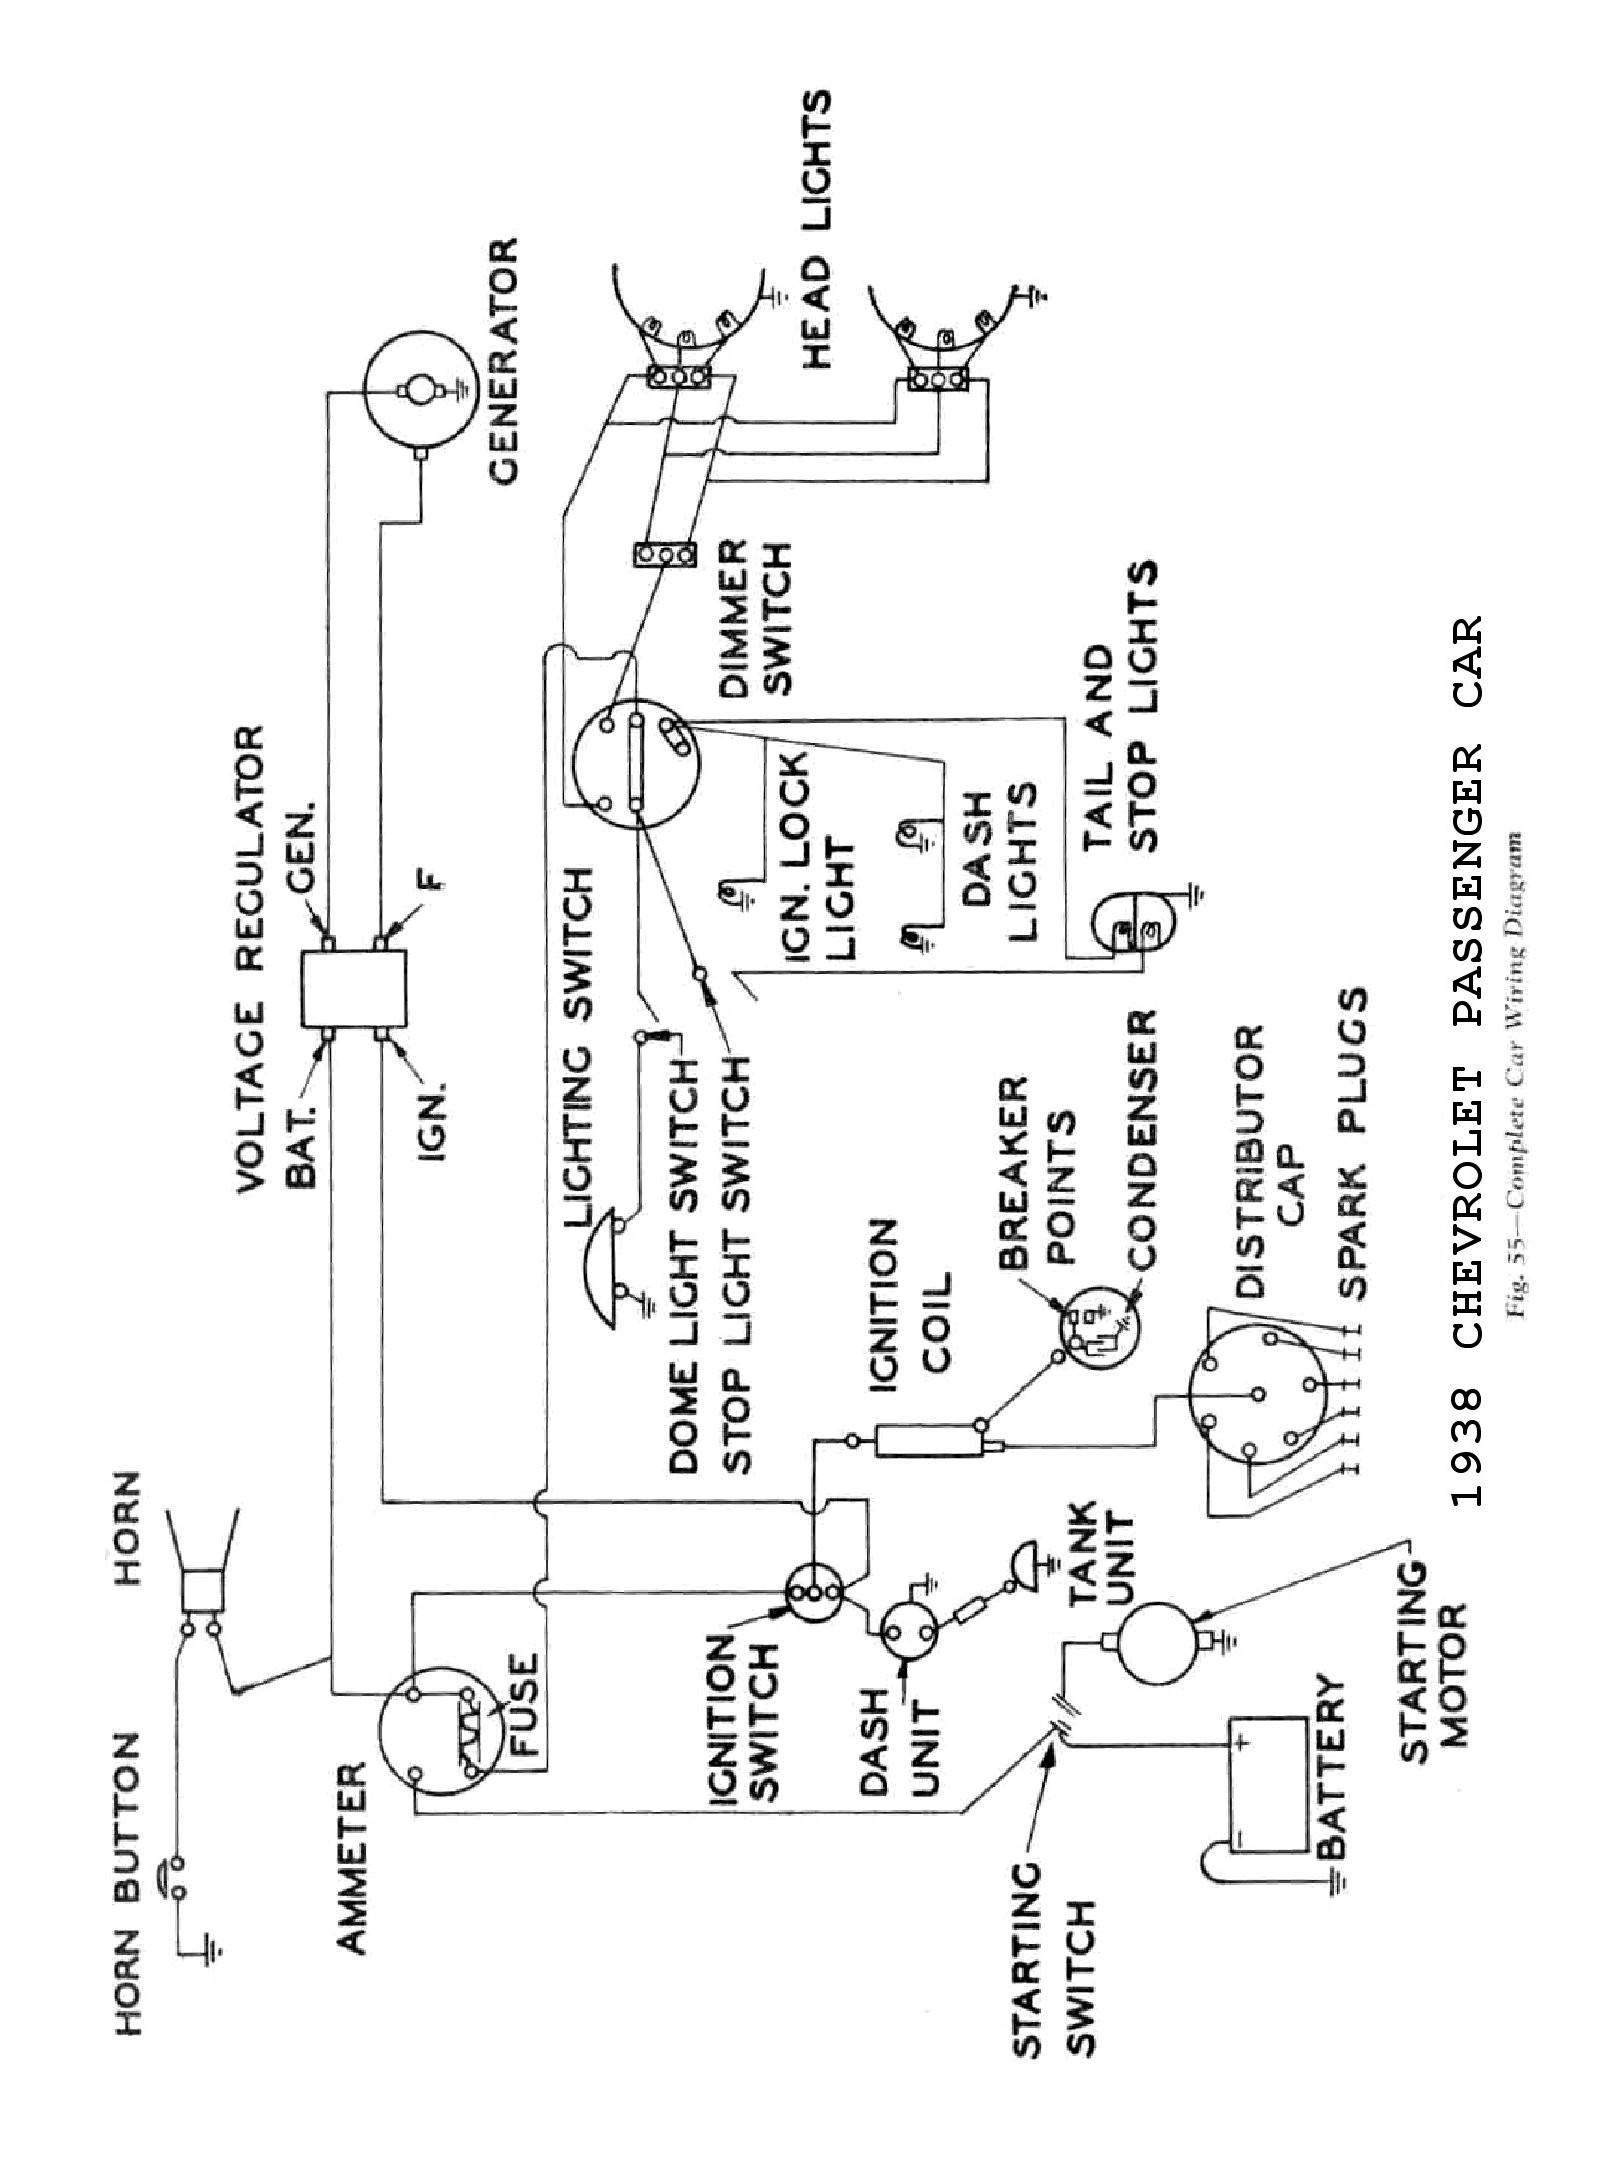 7Baa310 Ford 3000 Distributor Cap Wiring Diagram   Wiring